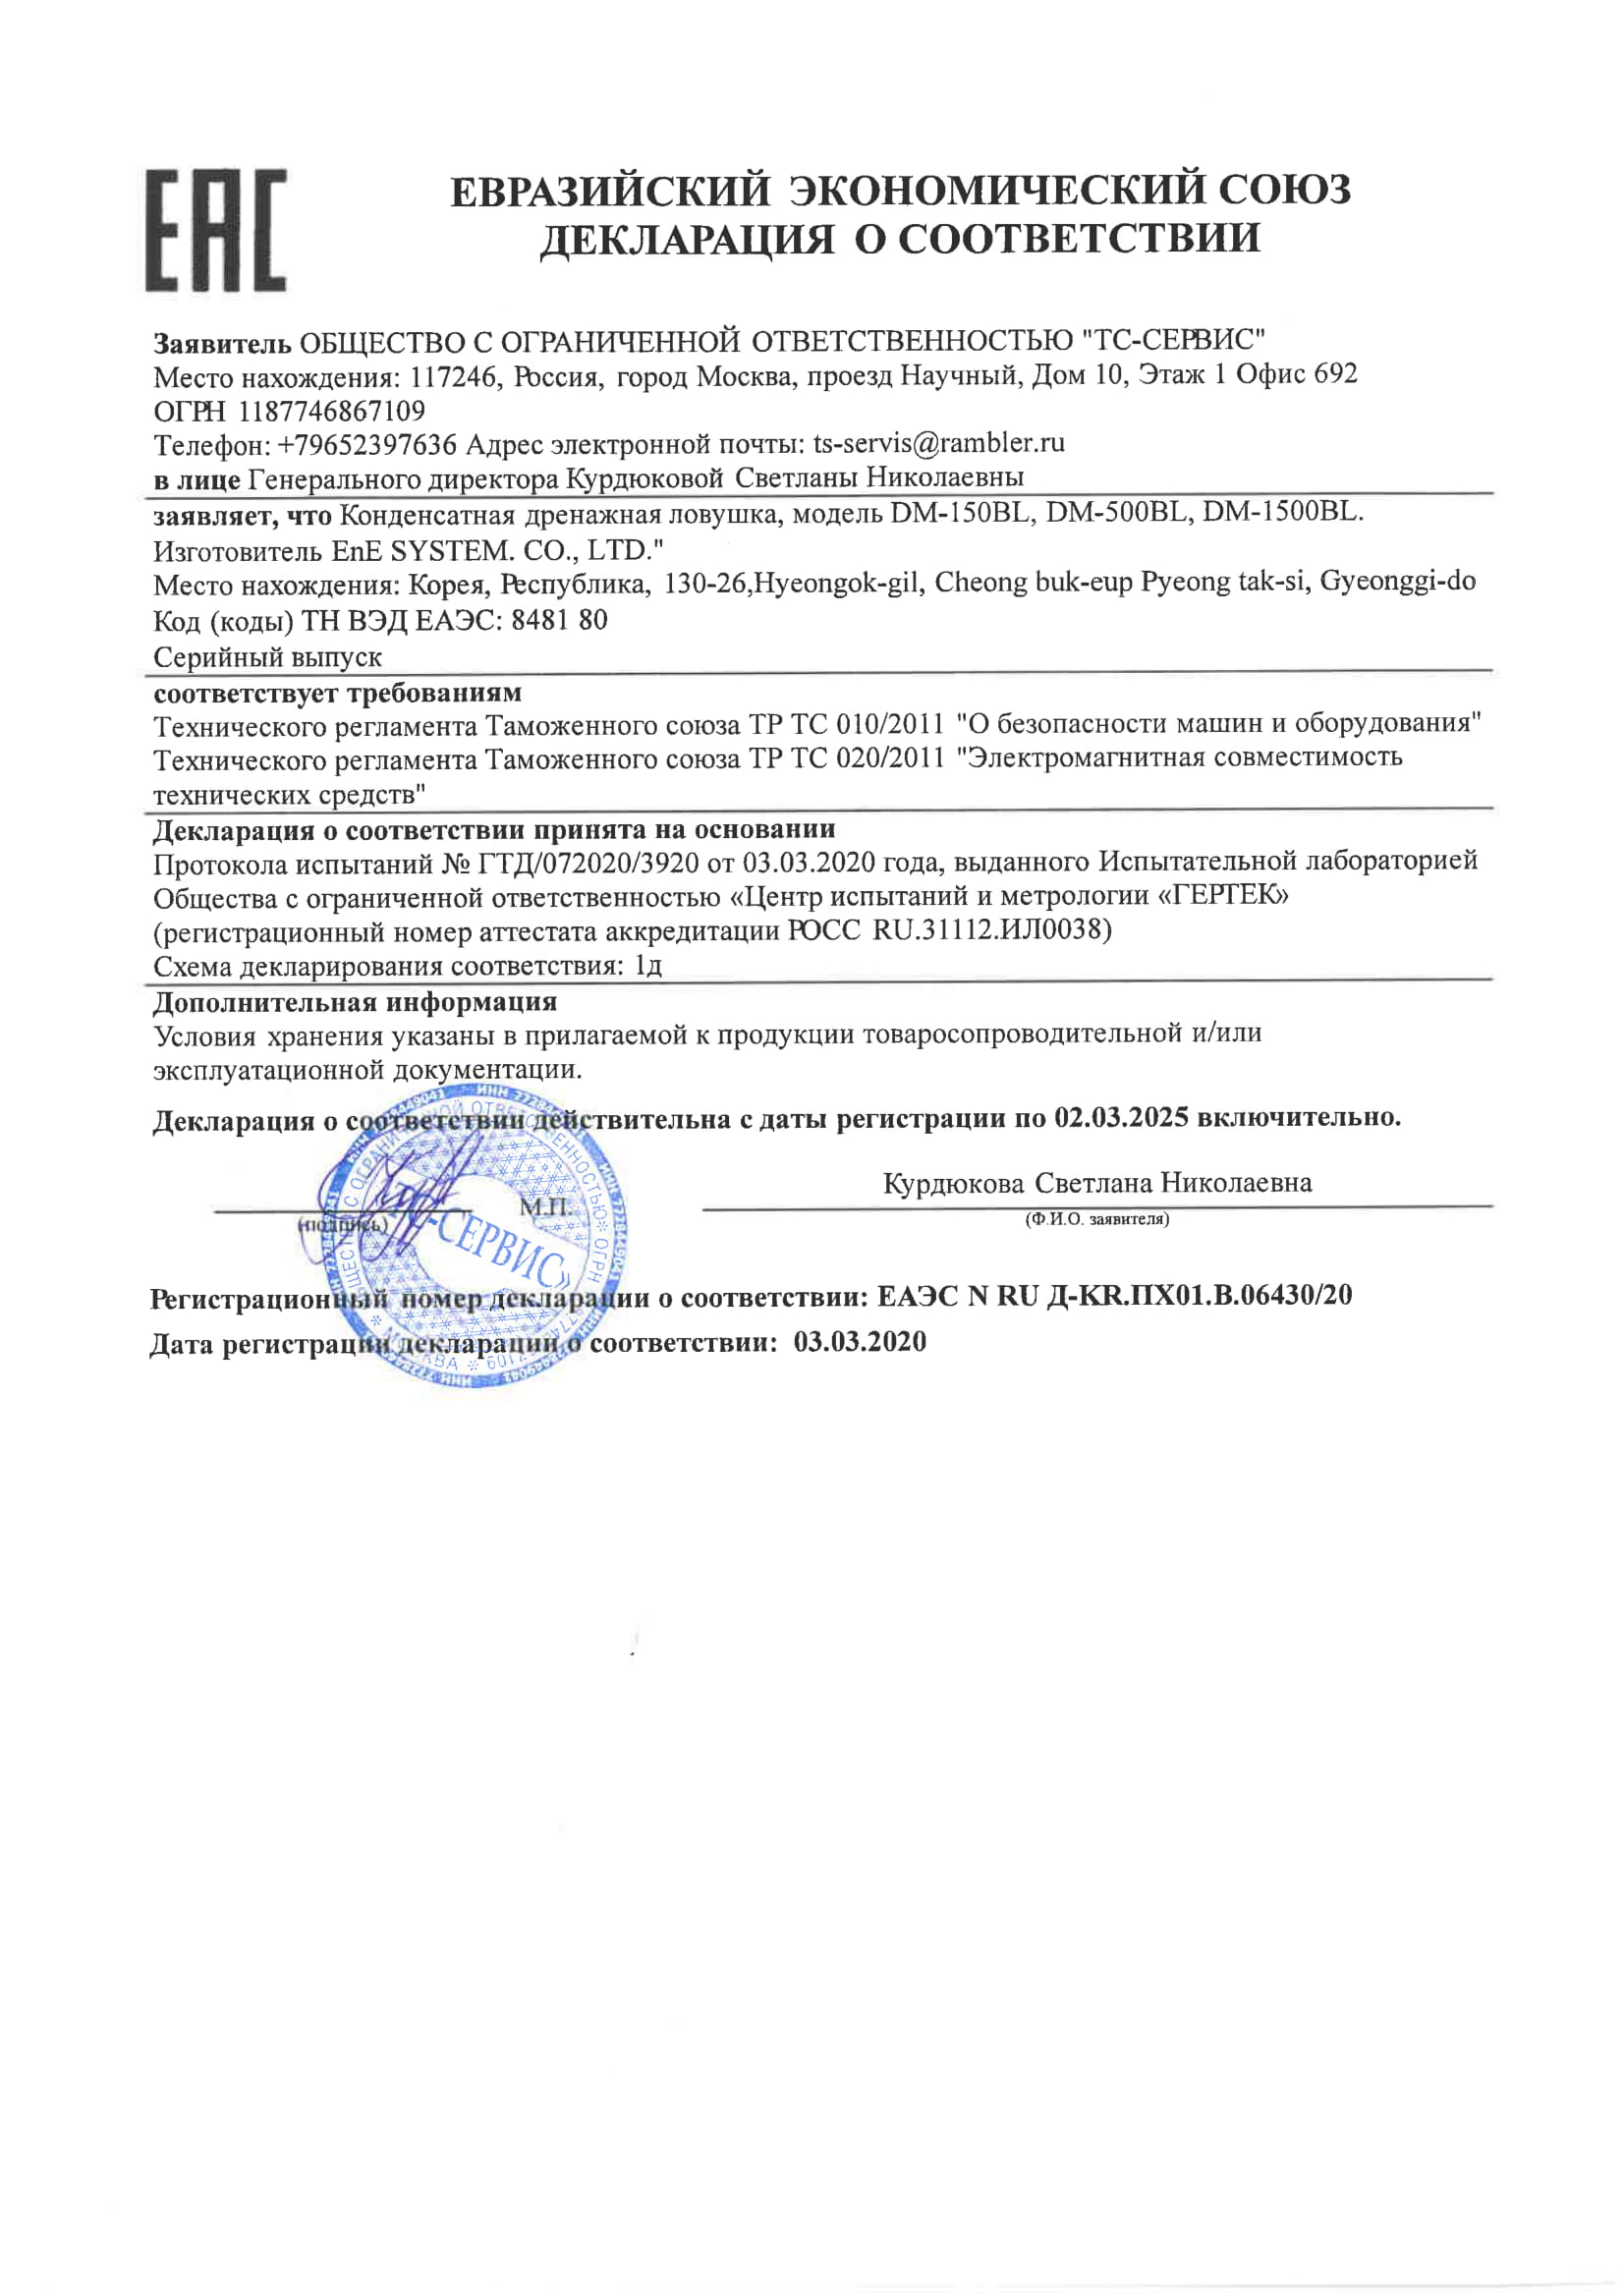 러시아 TRCU인증서(DM-150BL 500BL 1500BL)_010_020-1